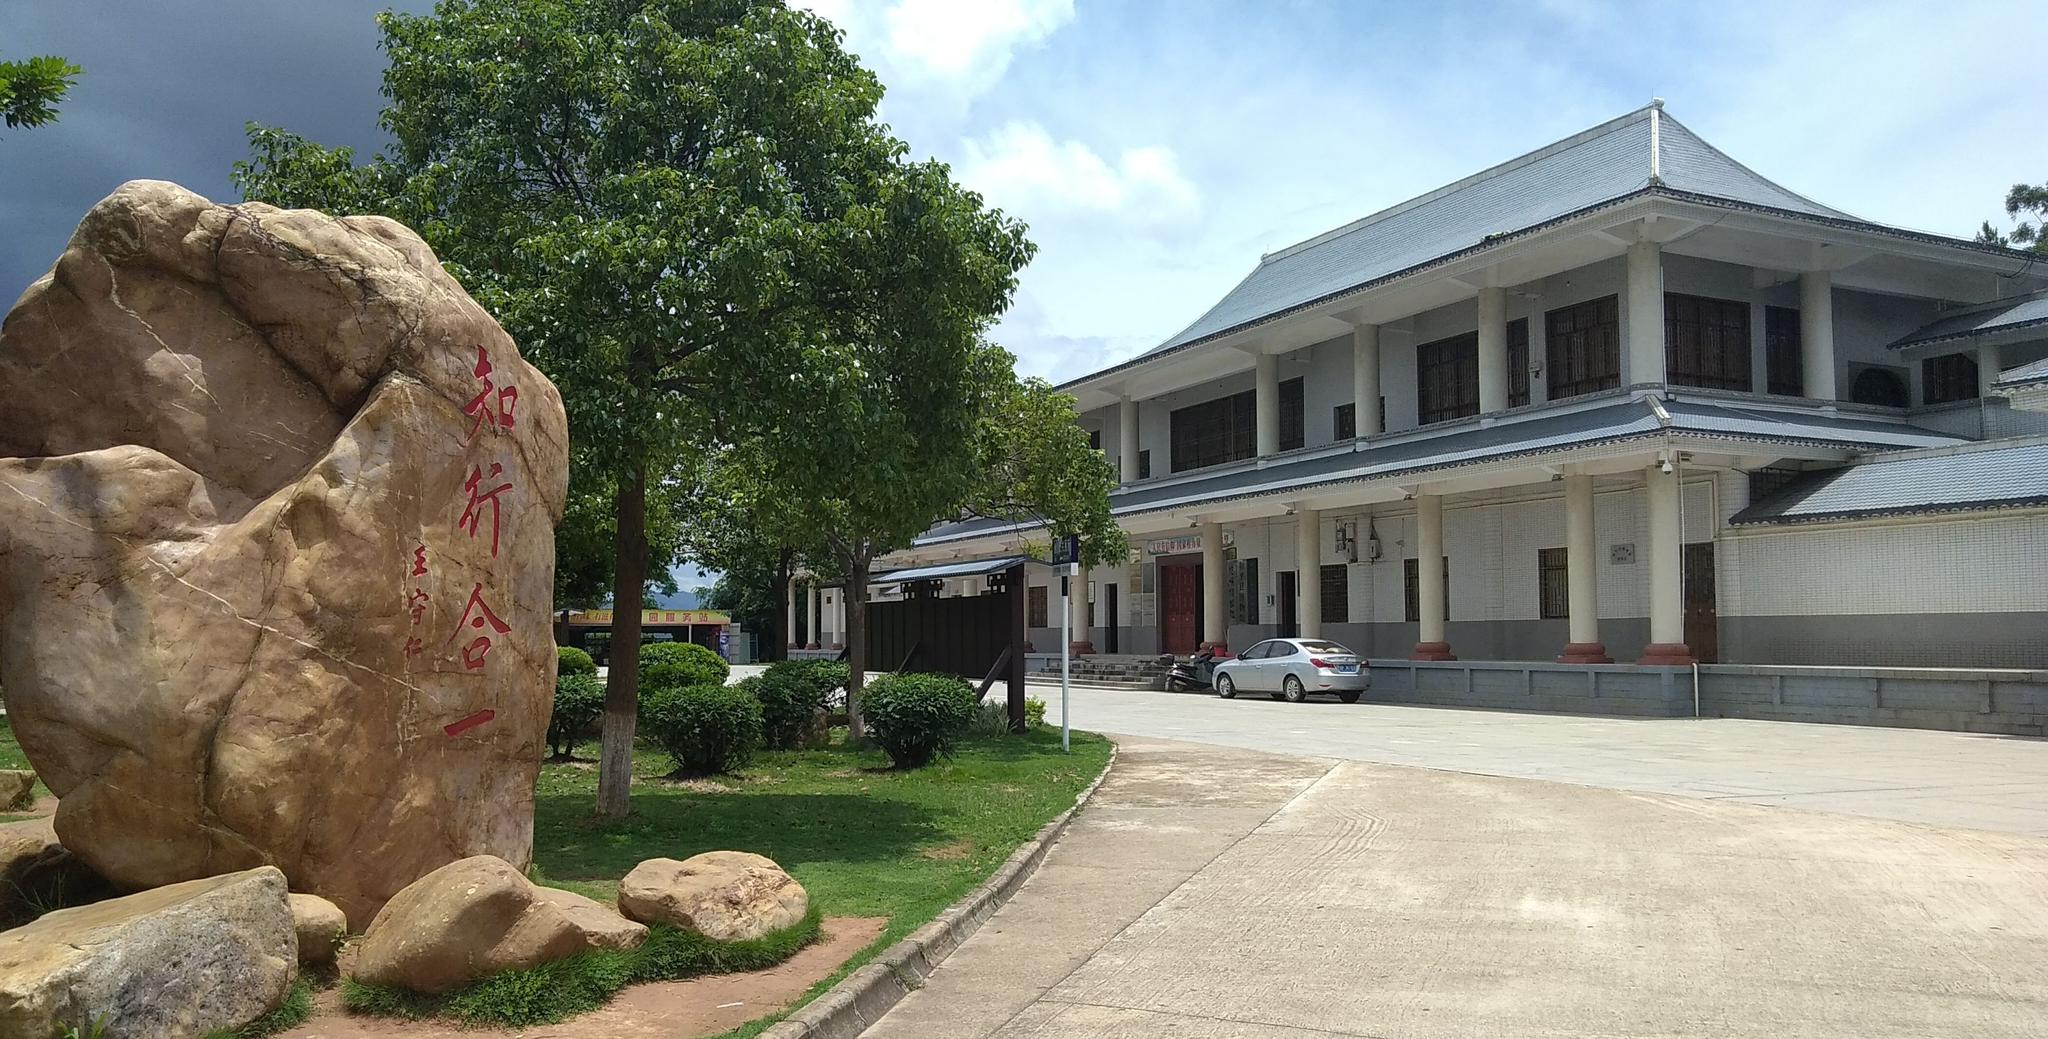 来河源市和平县阳明博物馆,登高远眺和平县城